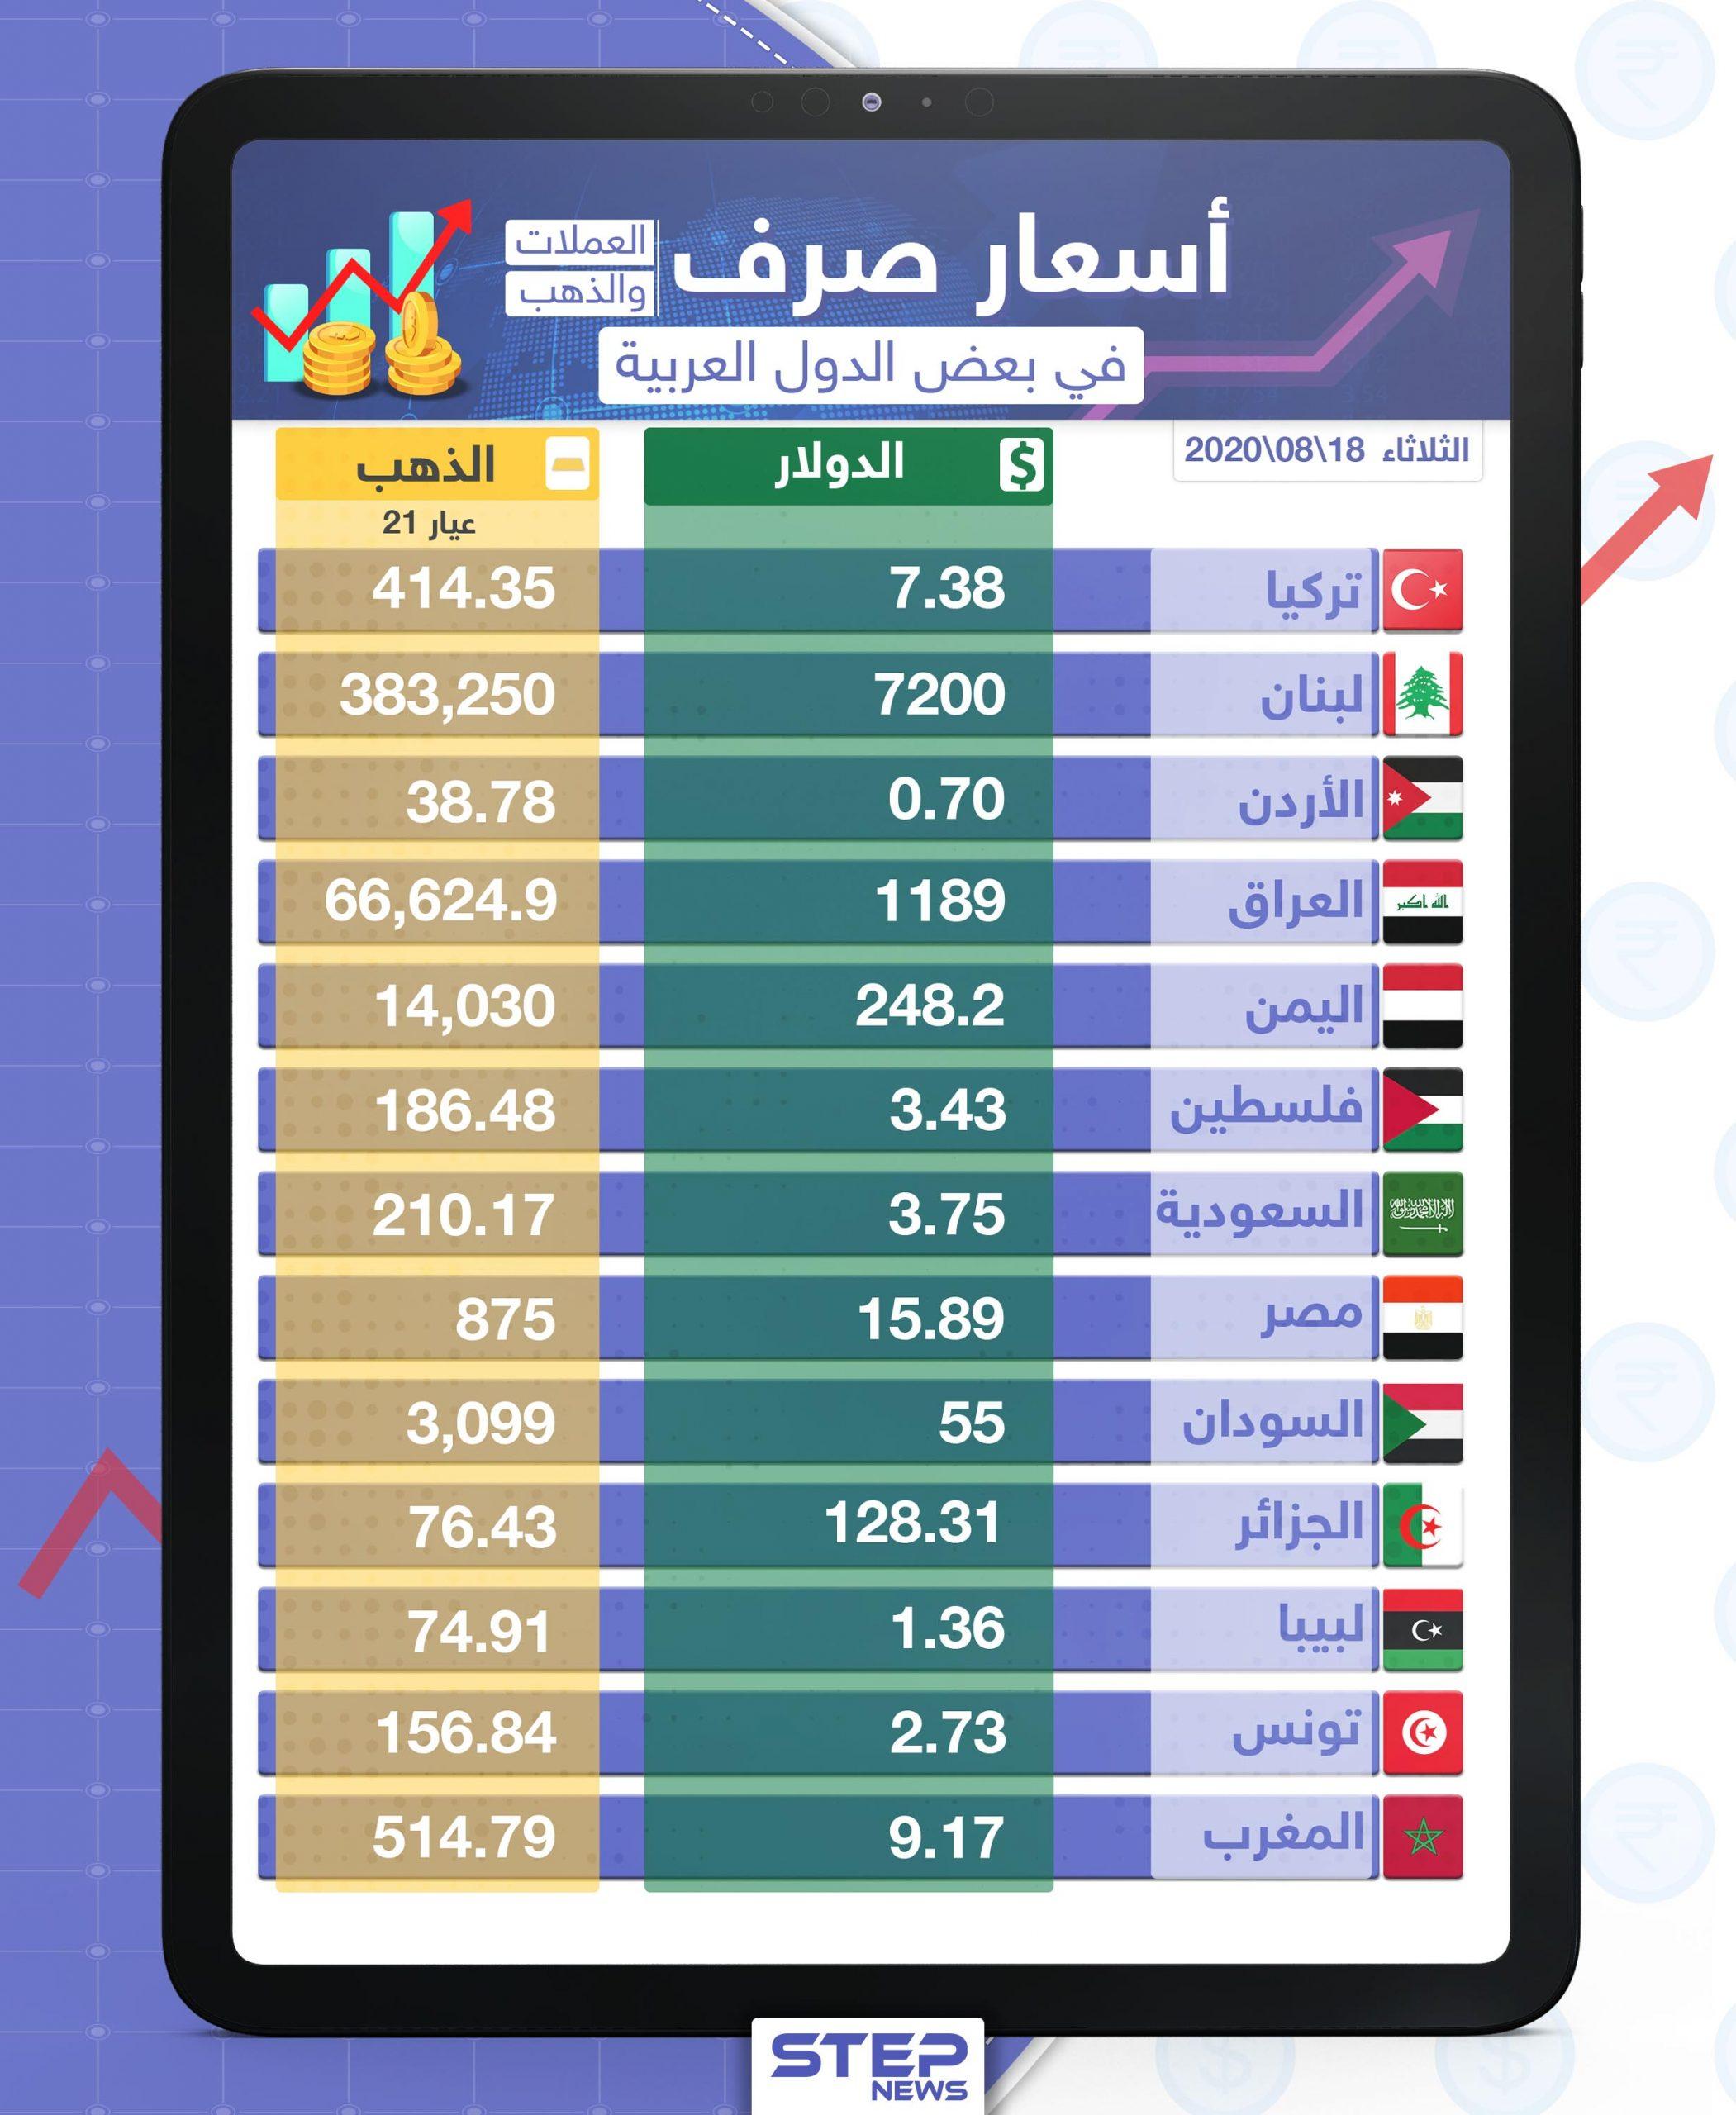 أسعار الذهب والعملات للدول العربية وتركيا اليوم الثلاثاء الموافق 18 آب 2020